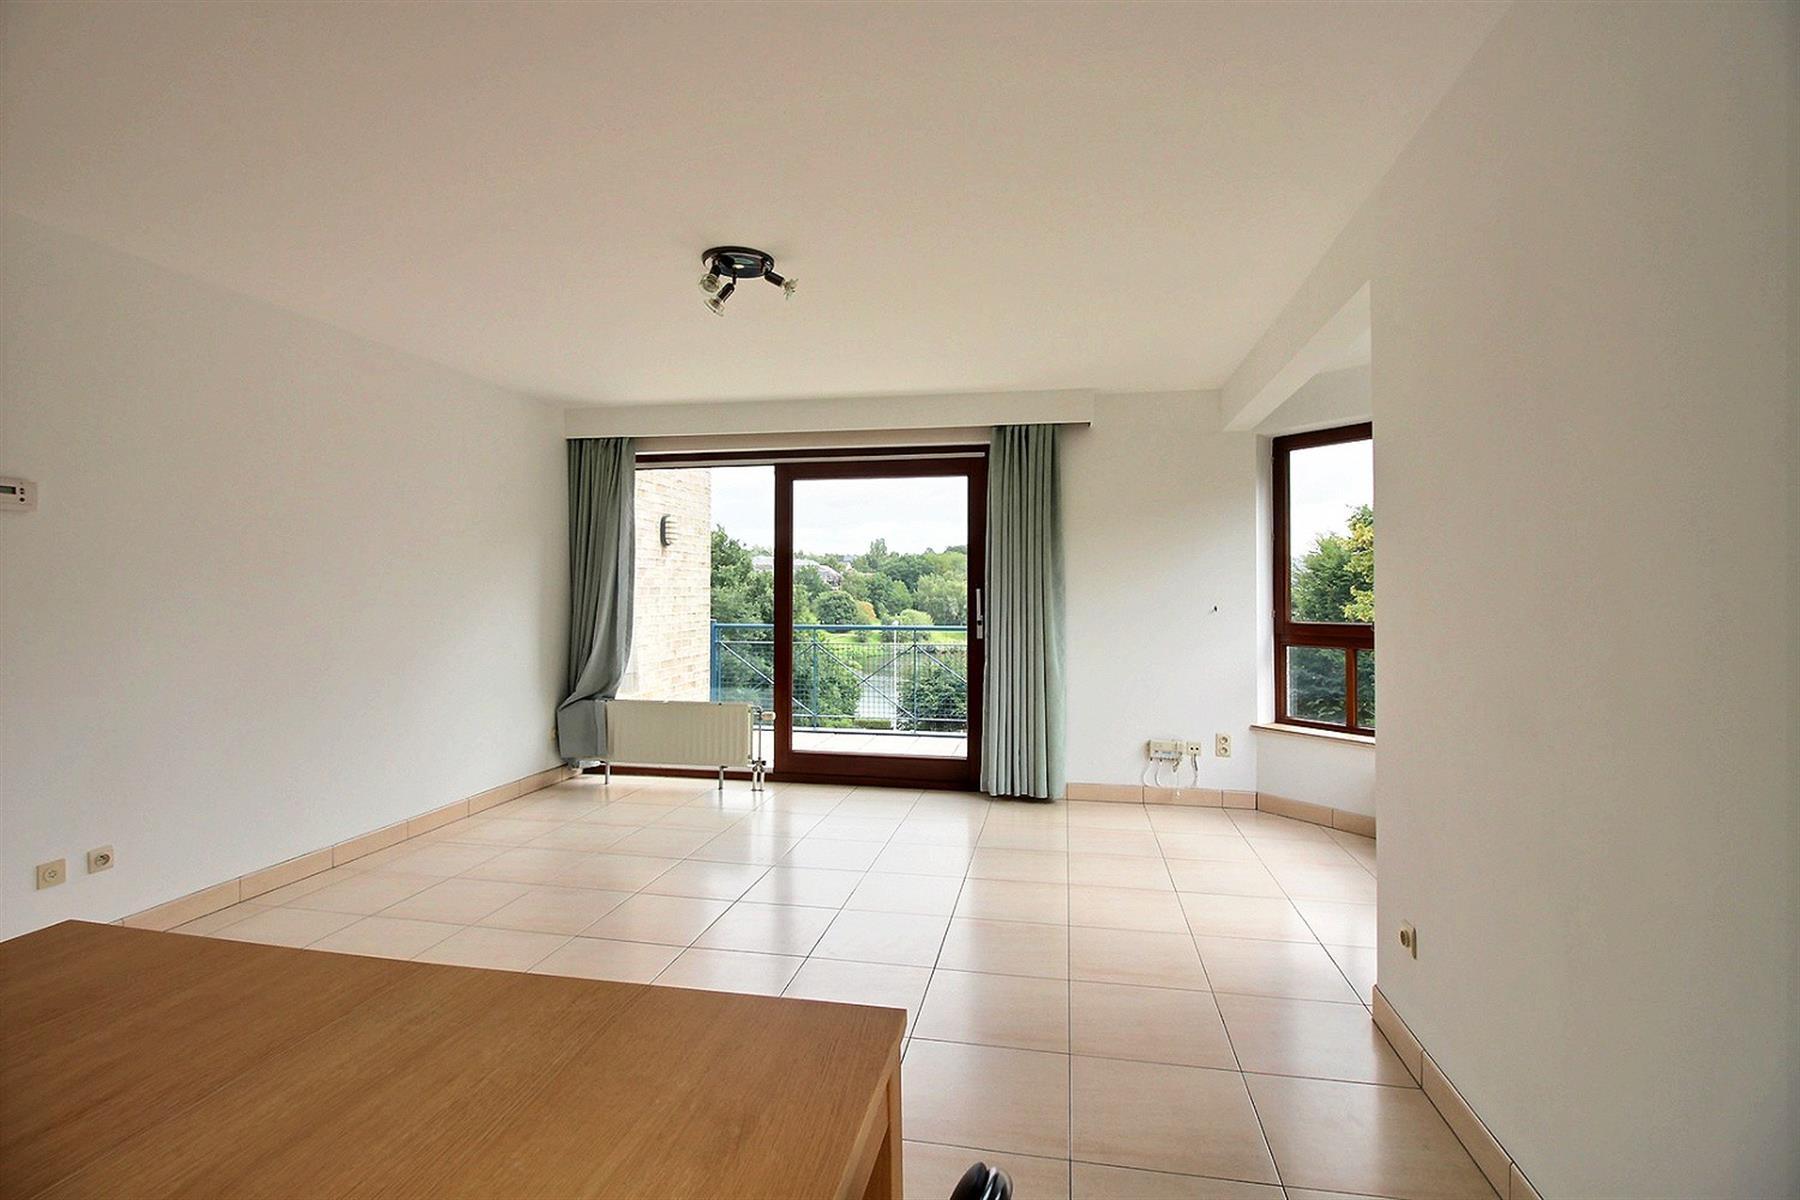 Appartement - Ottignies-Louvain-la-Neuve - #4365104-4